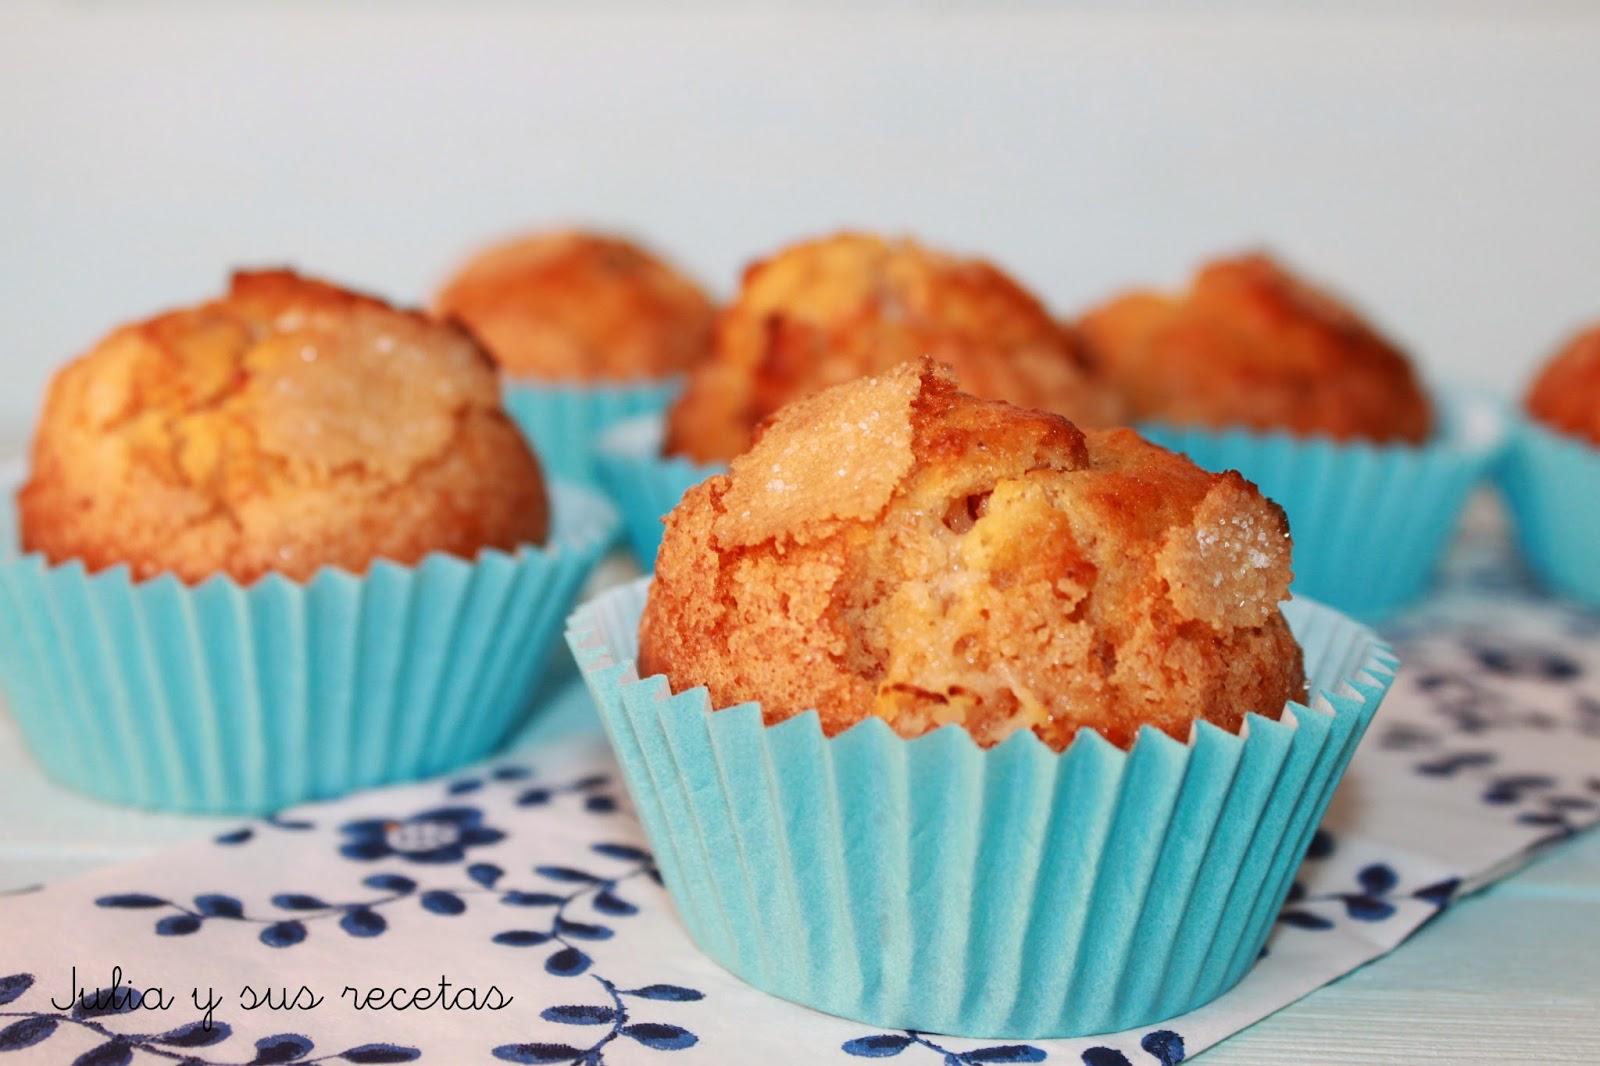 Muffins de zanahoria rellenos de crema de queso. Julia y sus recetas